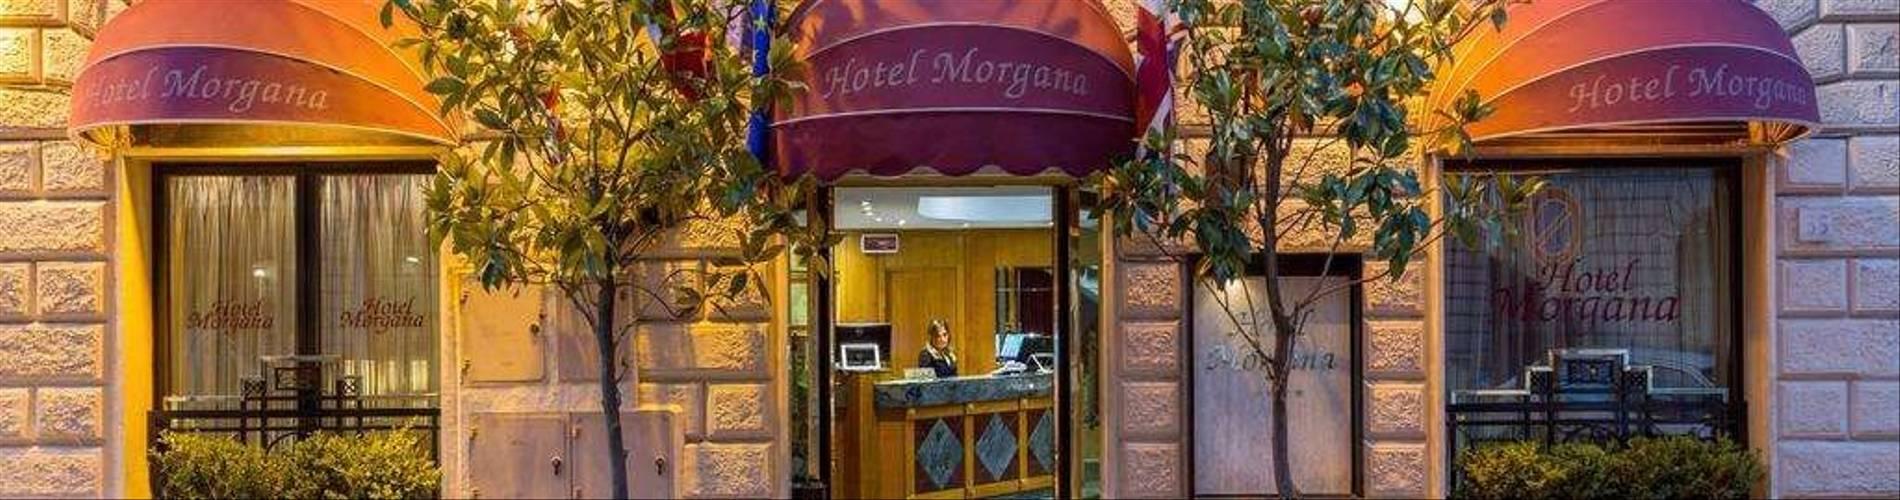 Hotel Morgana 2.jpg